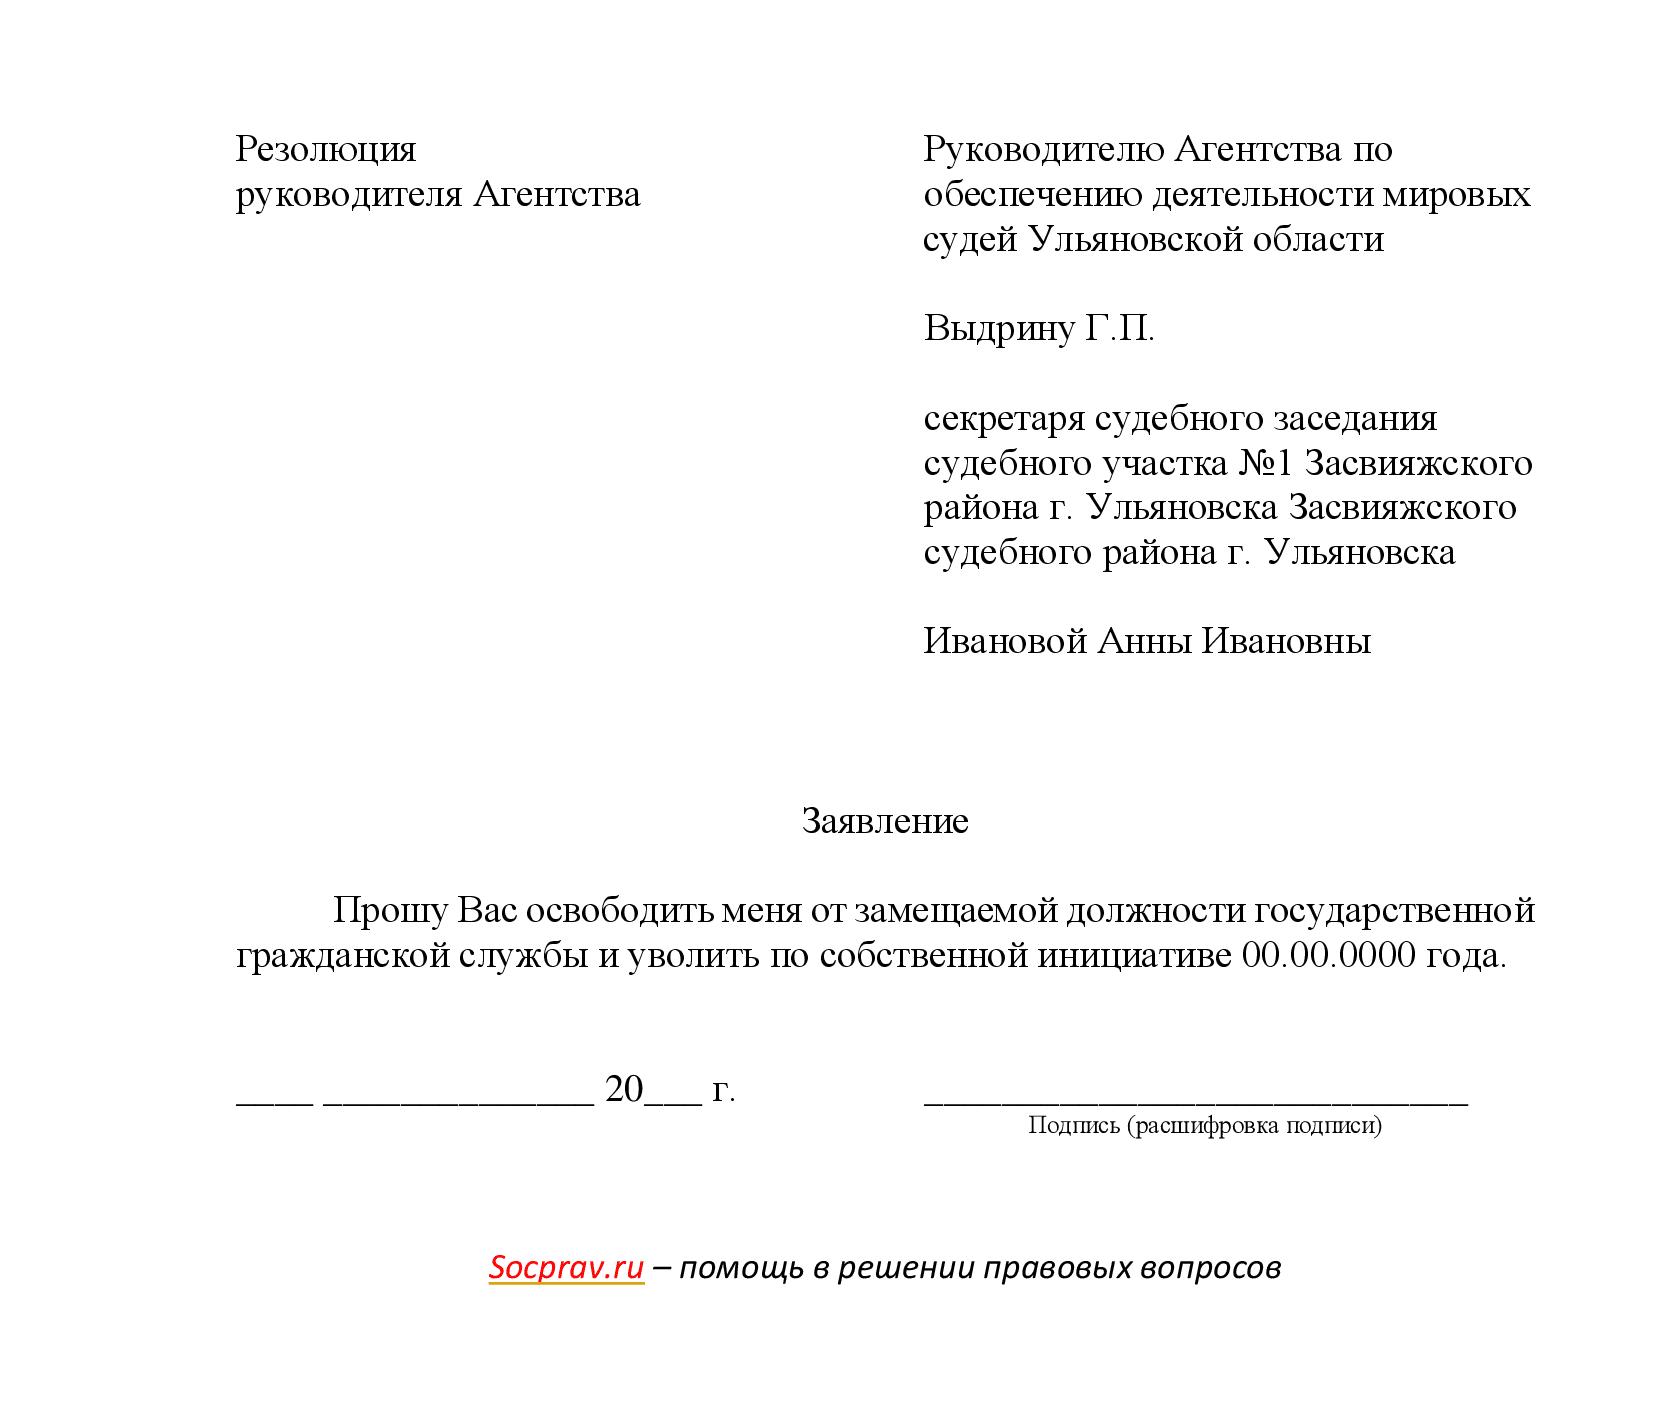 Образец заявления об увольнении государственного гражданского служащего